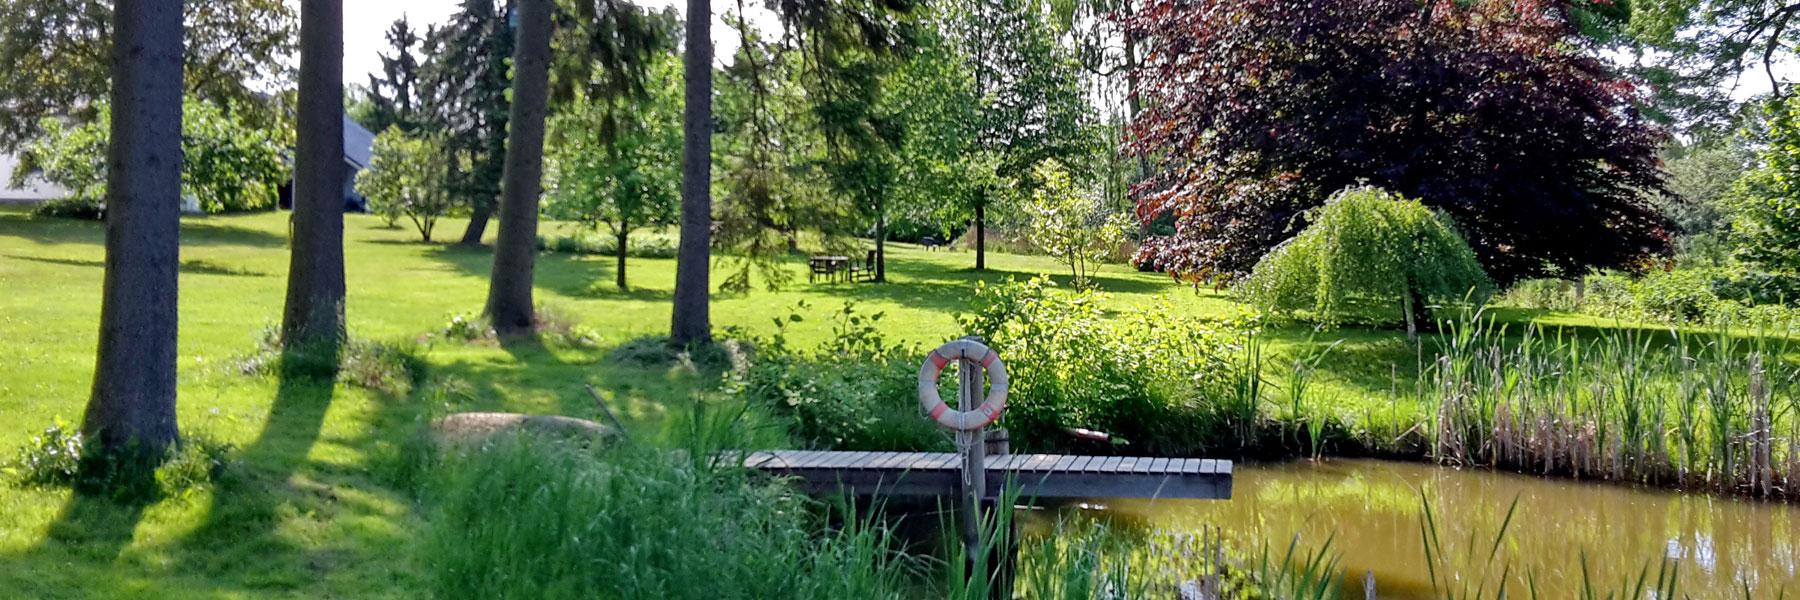 Teich im Park - Ferien- und Bauernhof Diederichs